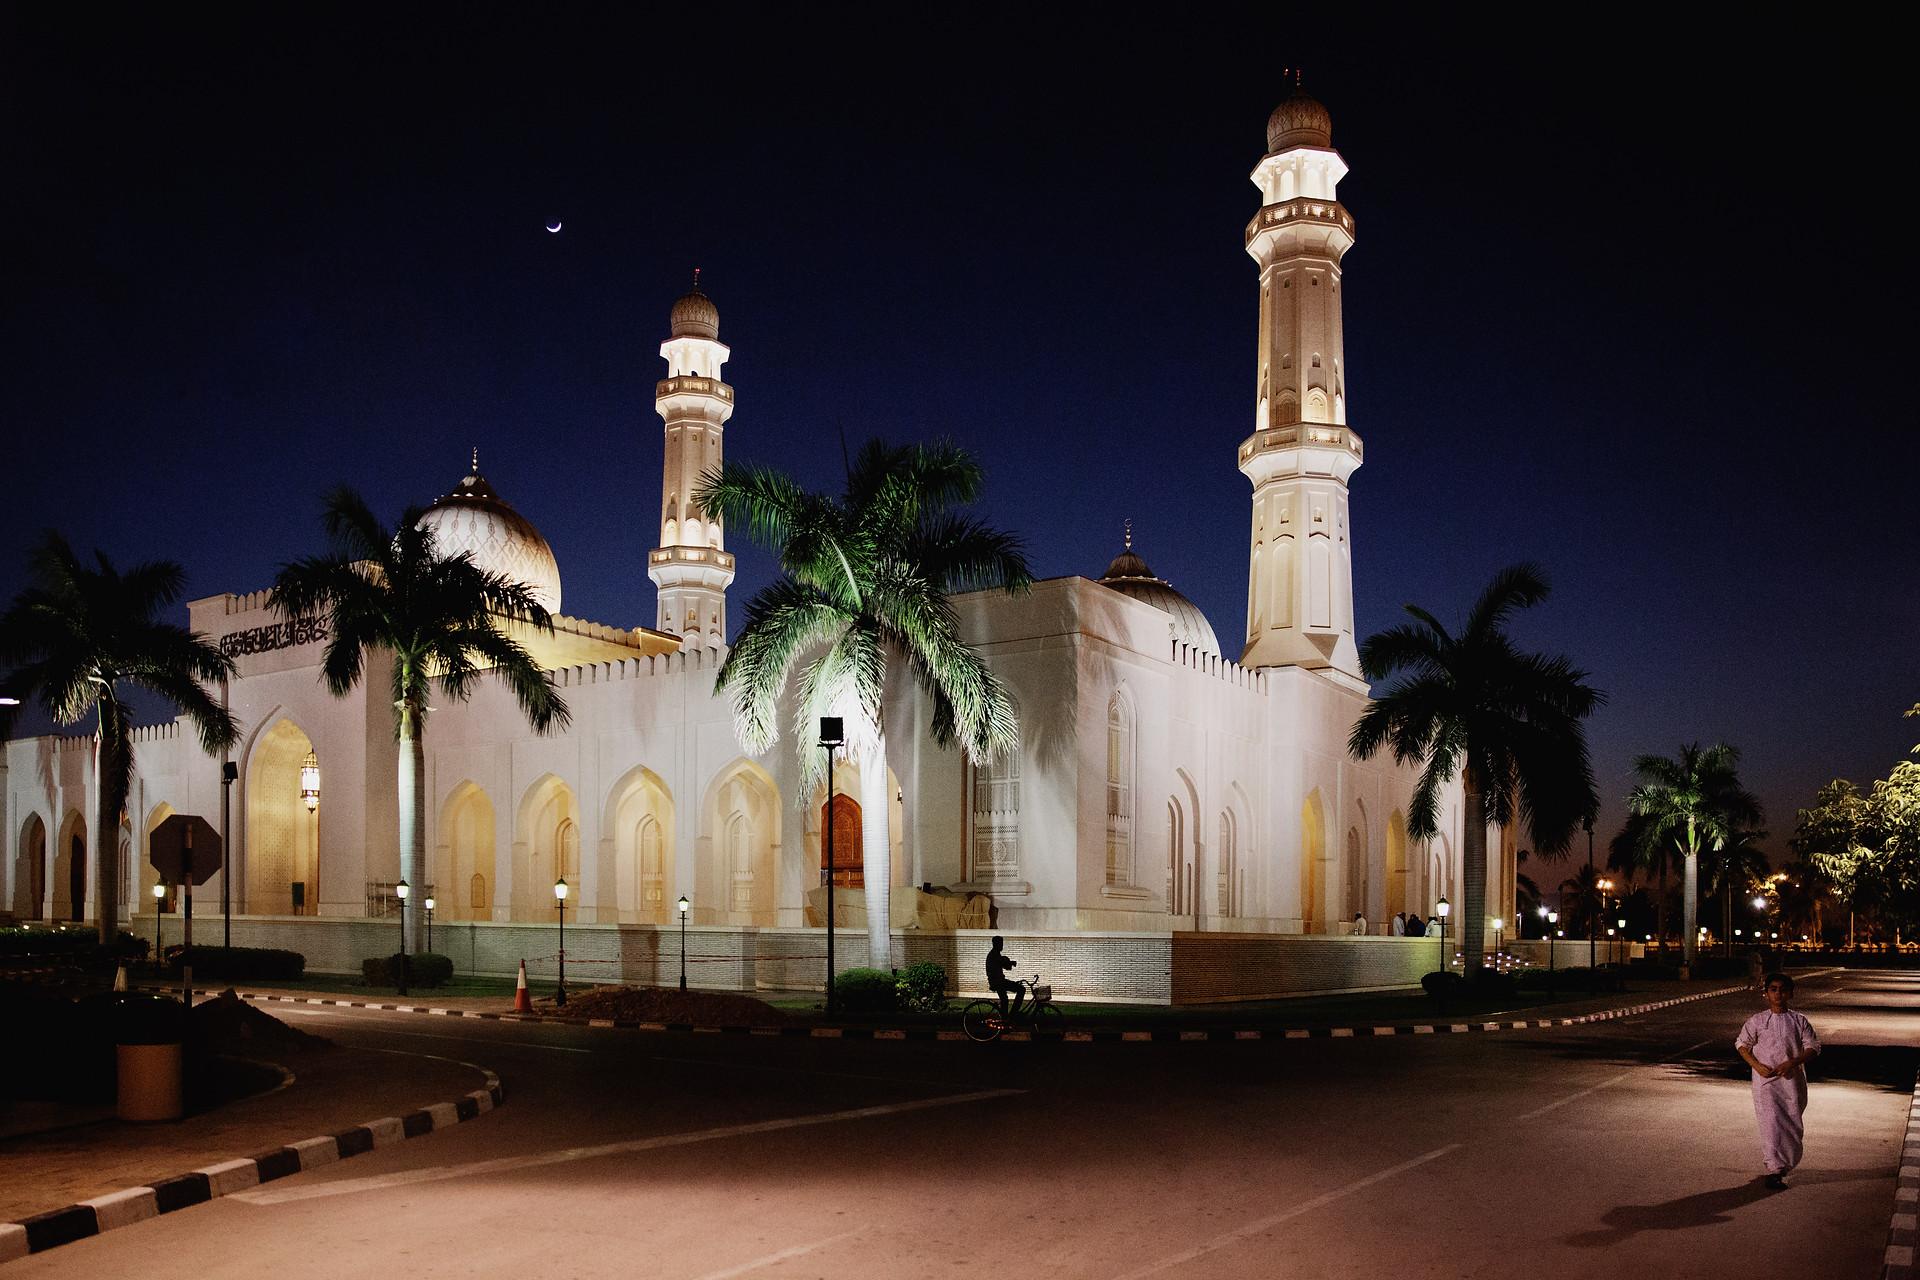 La grande mosquée de Salalah. Région du Dhofar, Sultanat d'Oman